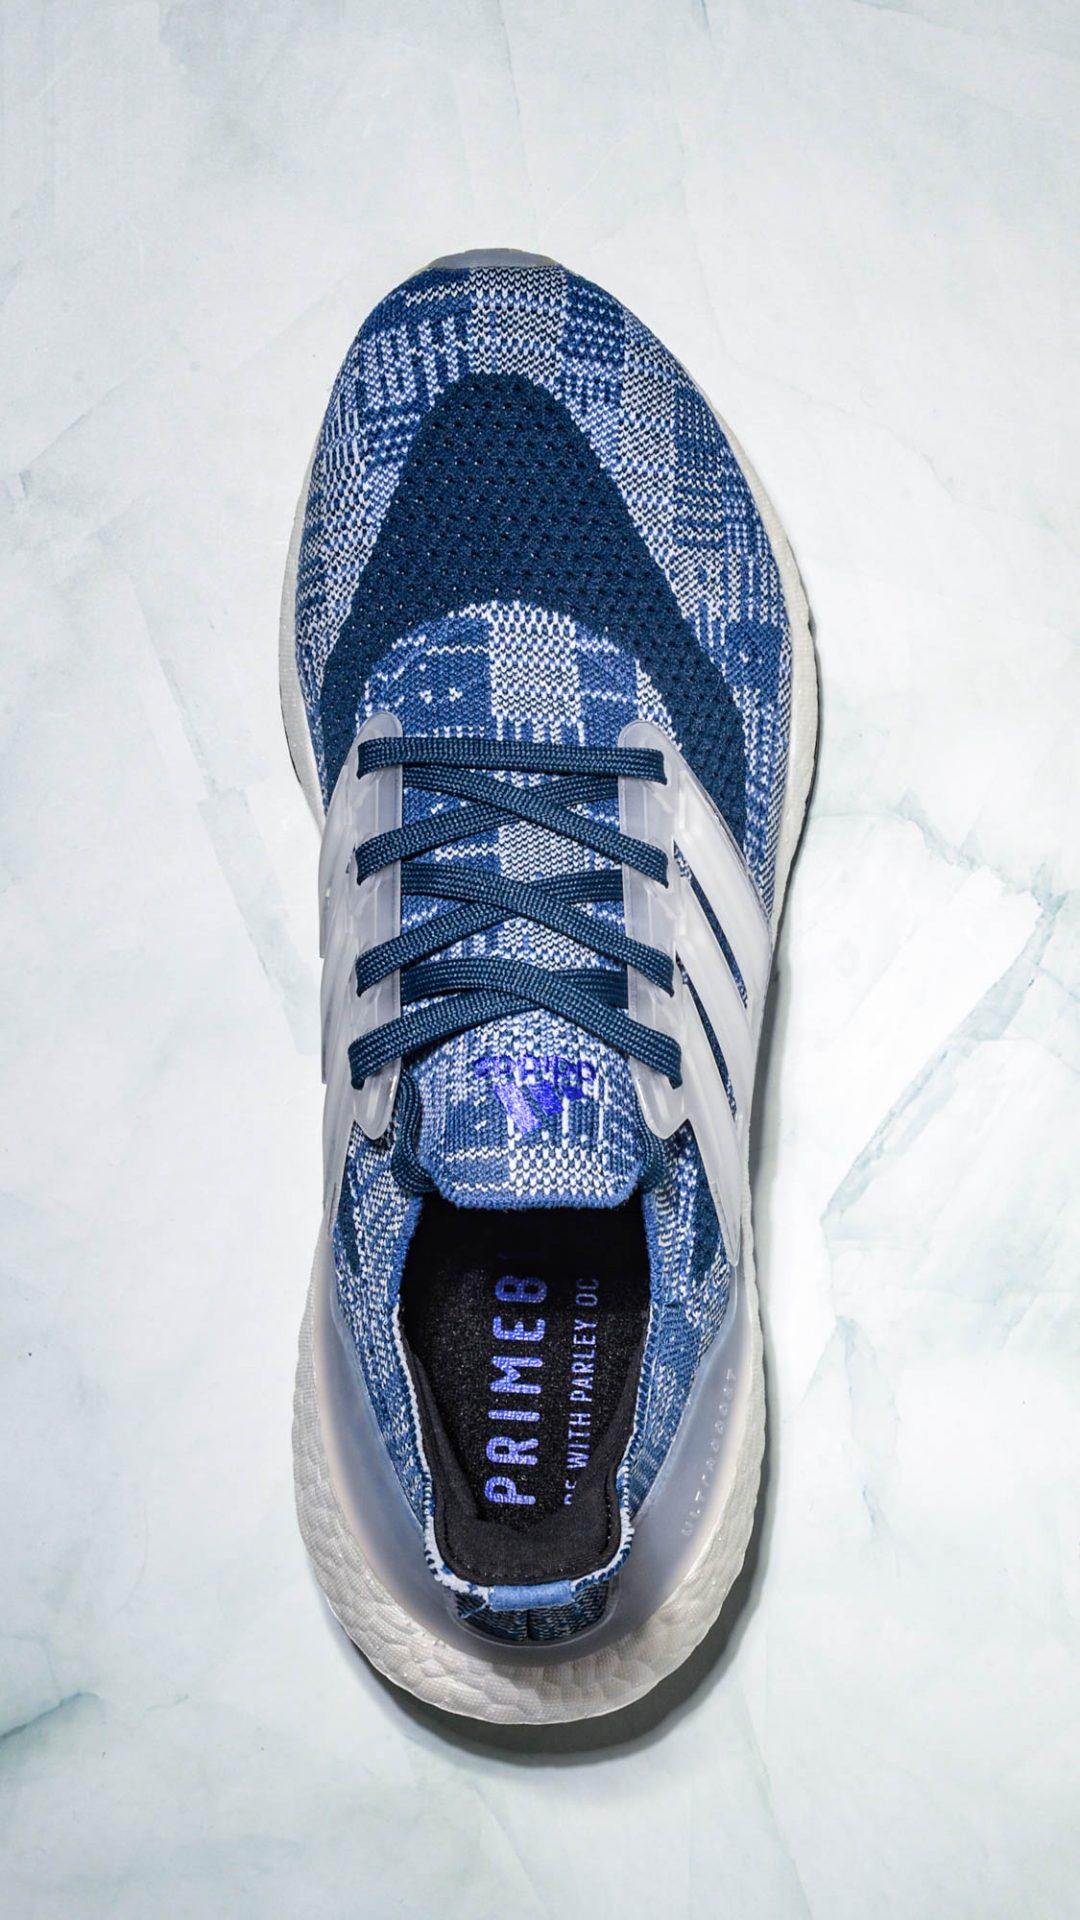 202105-adidas-ultraboost-21-primeblue-sustainable-9063-2